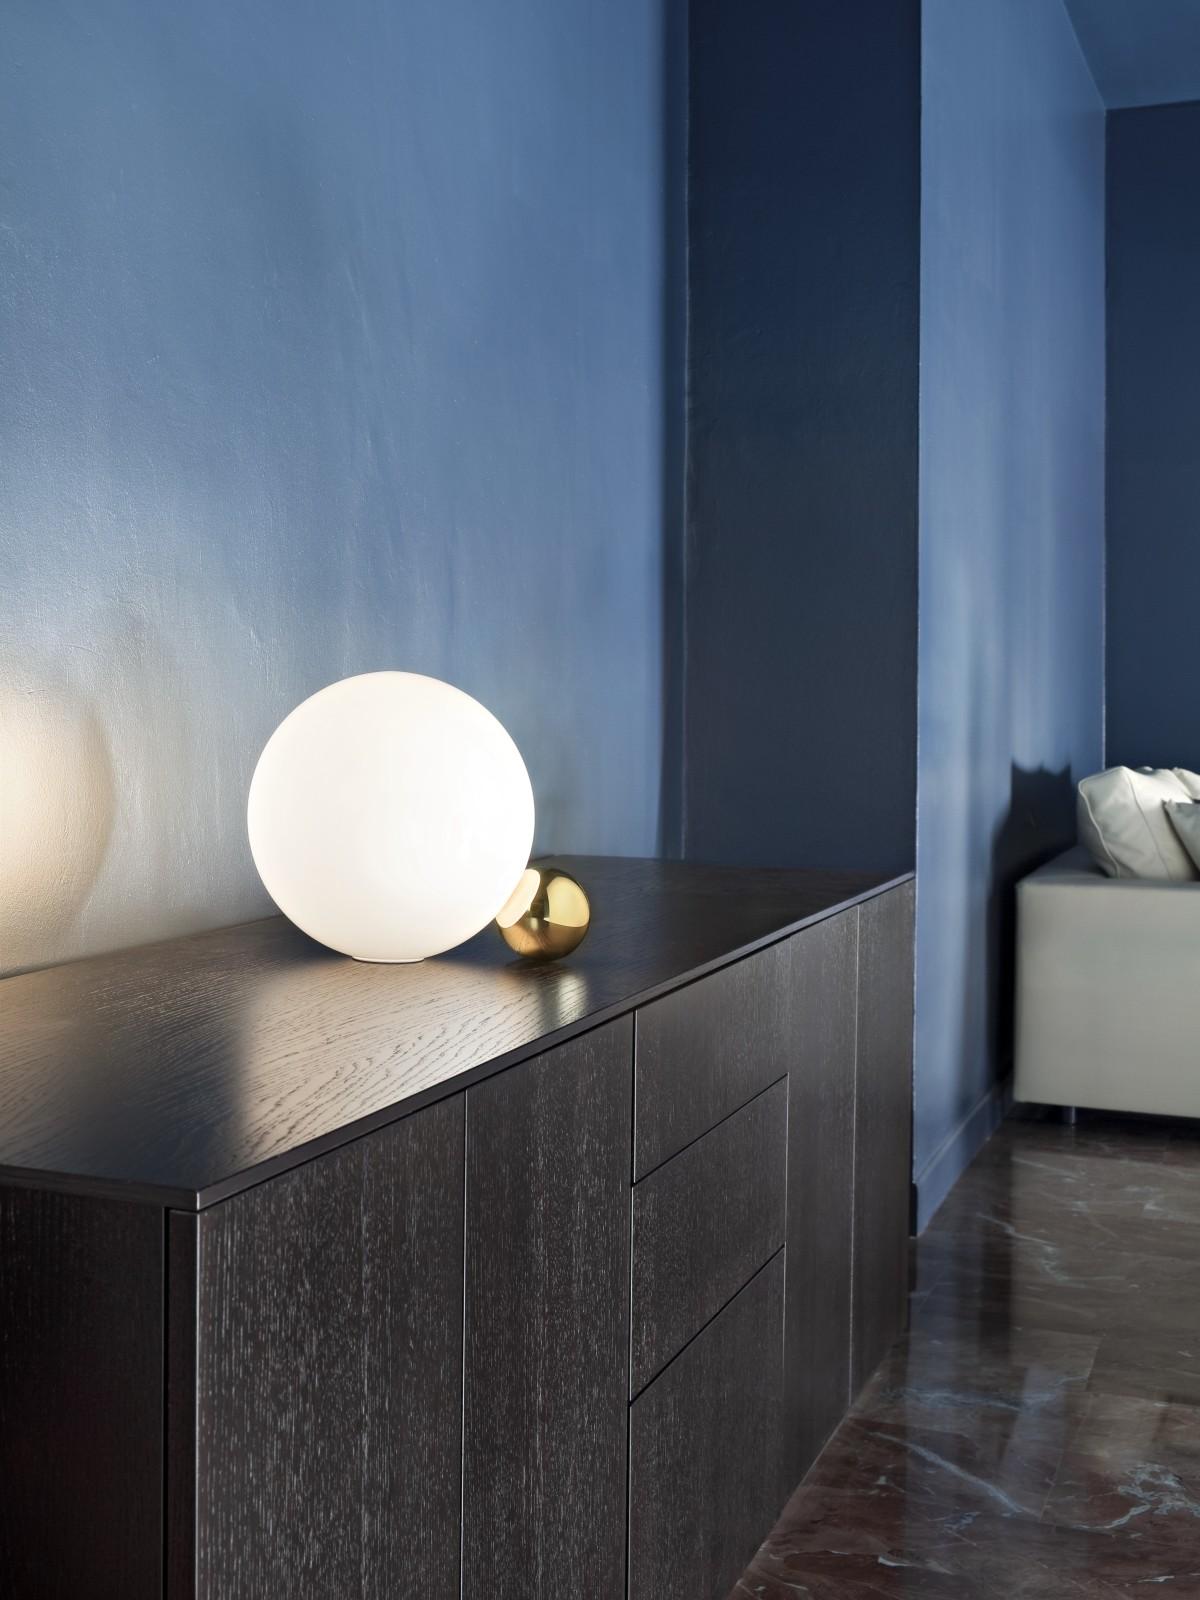 Flos-copycat-table-lamp-michael-anastassiades-1357031